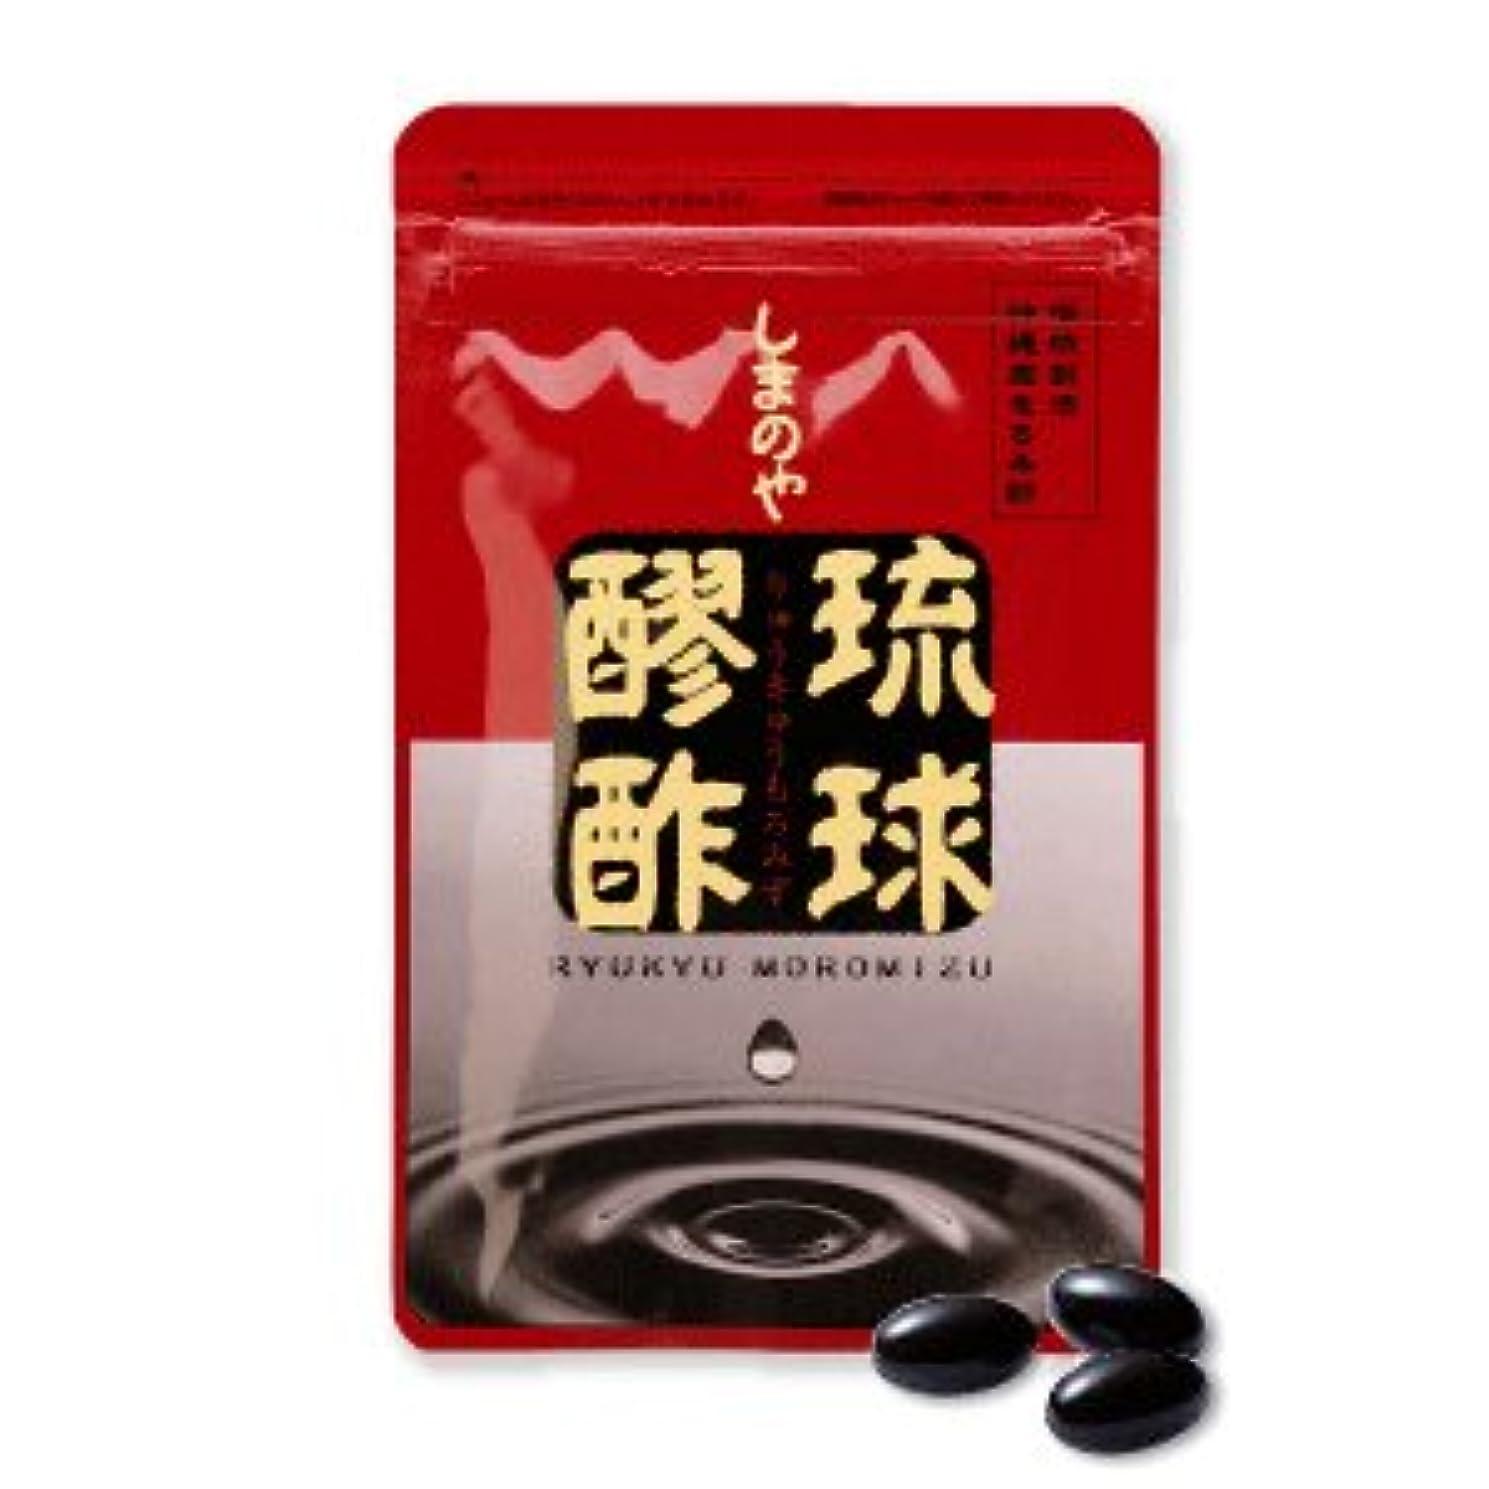 巨大アウター権限しまのや 琉球もろみ酢 93粒 クエン酸 アミノ酸たっぷり